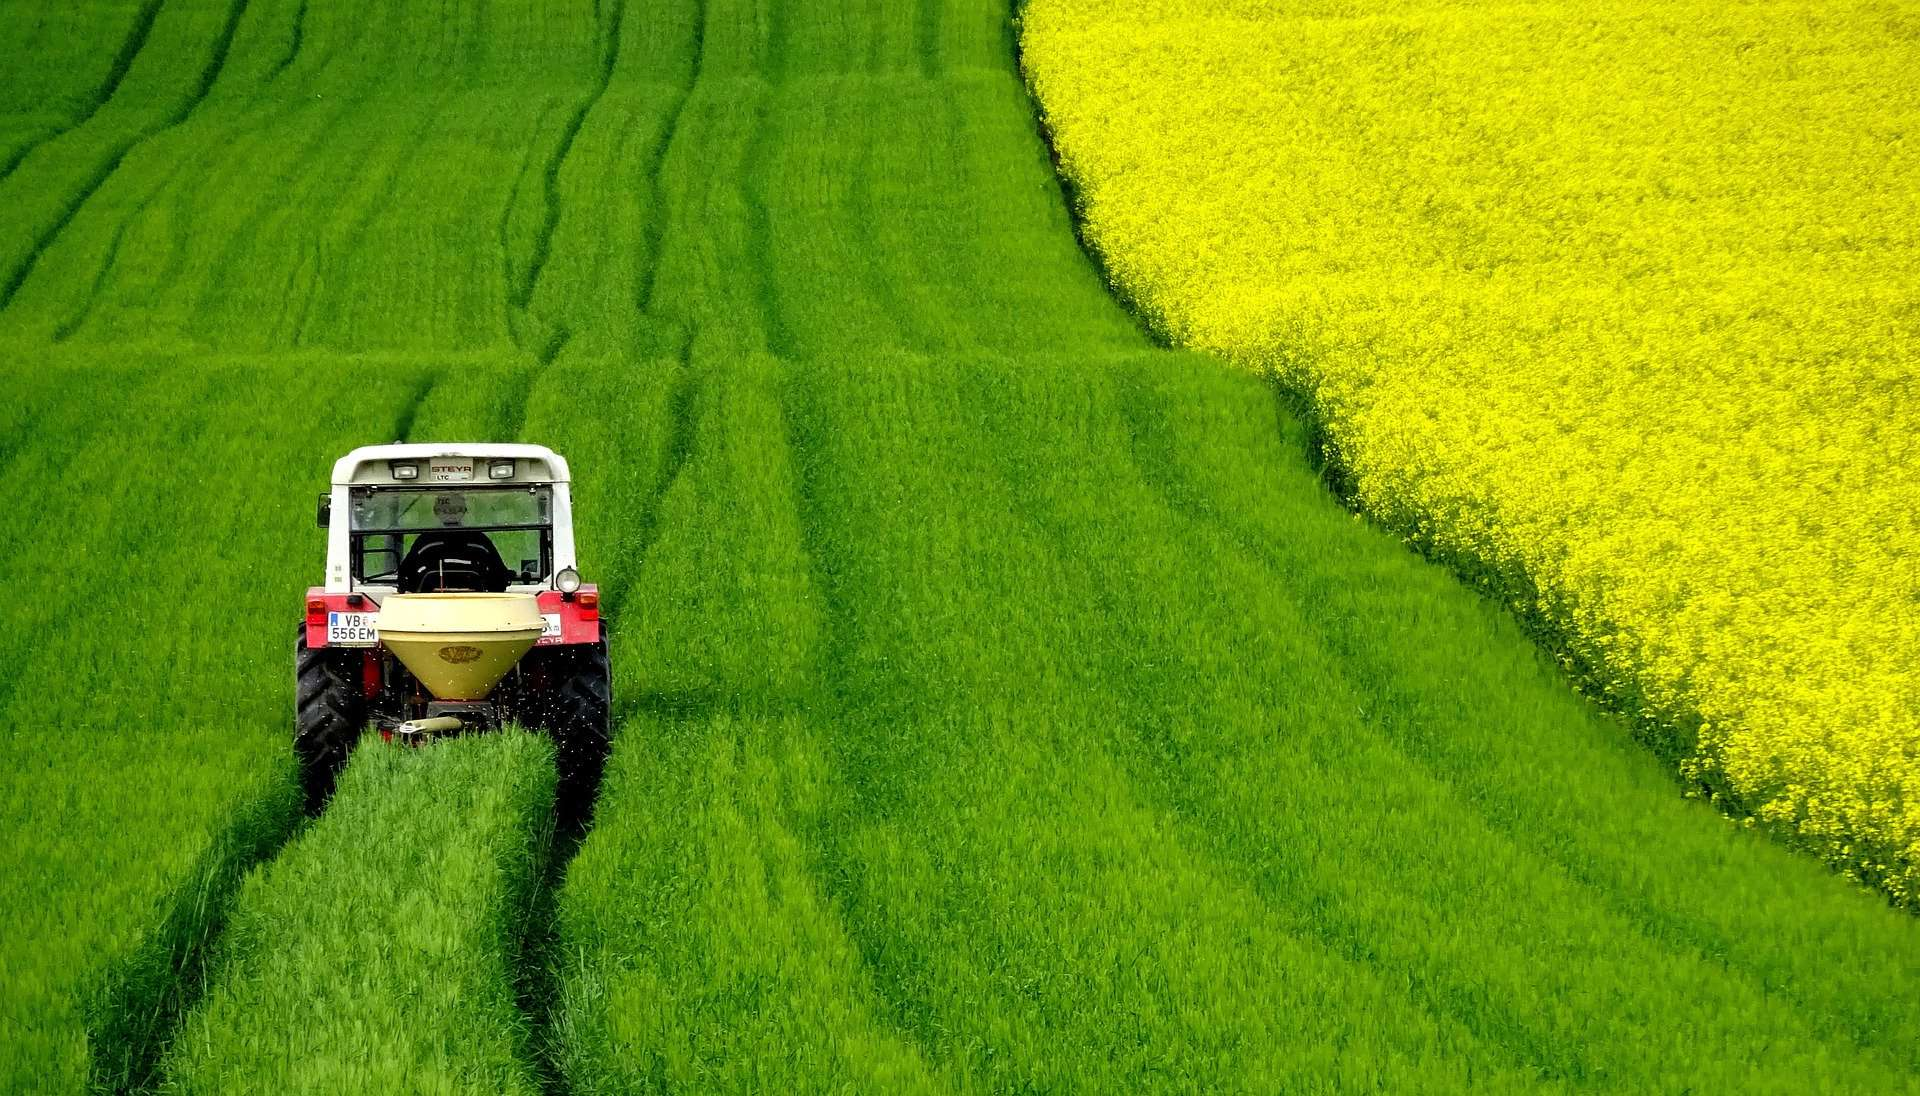 ciągnik na polu rolnym